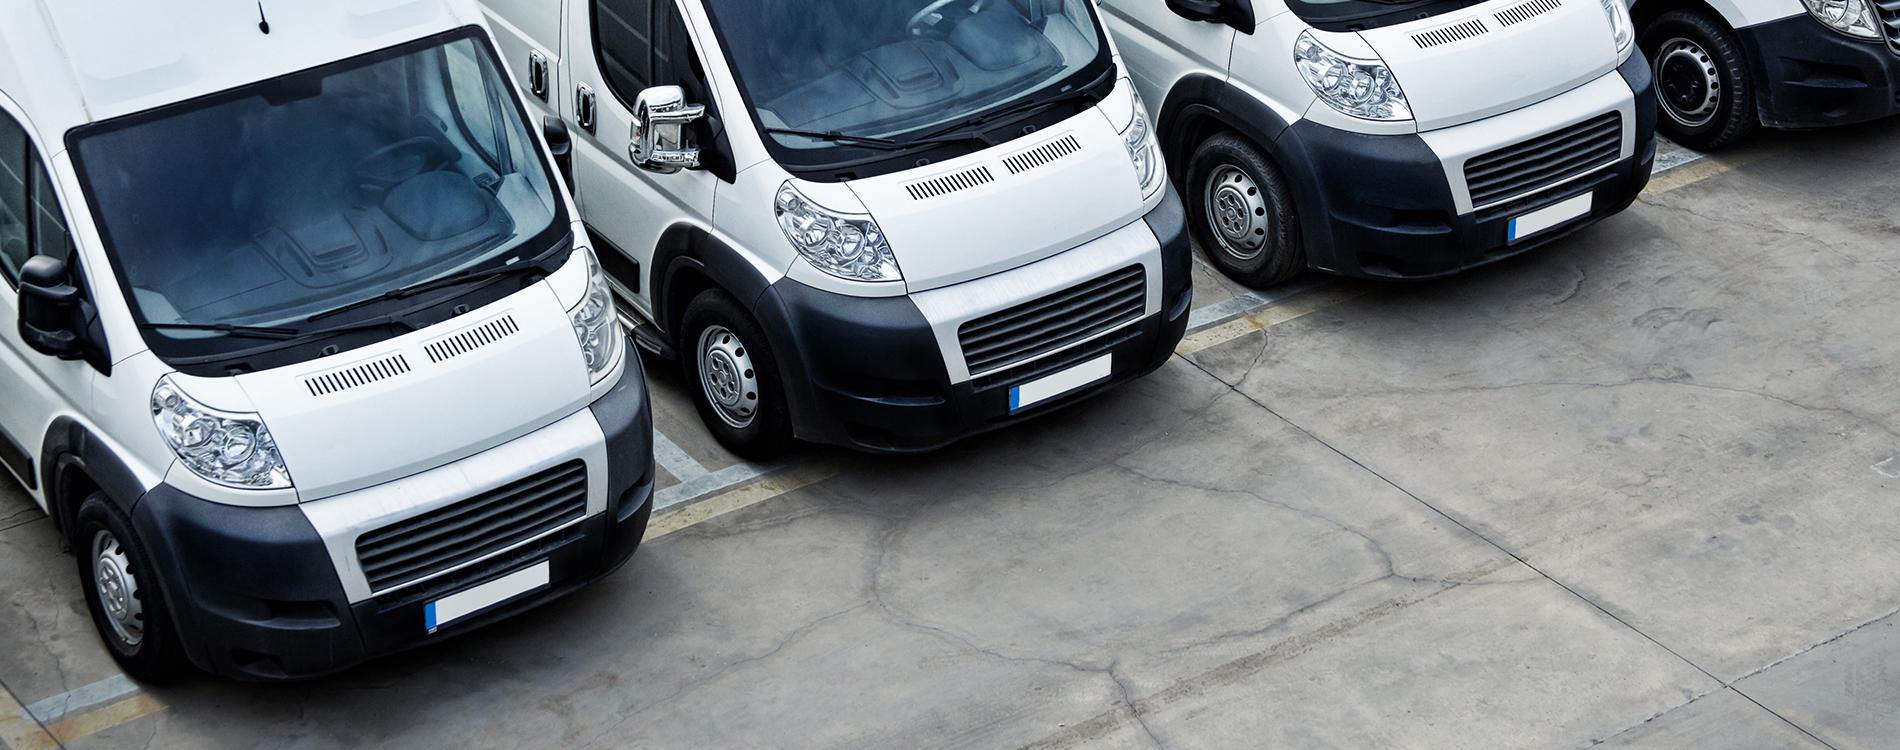 Motor fleet insurance from Premier Insurance Consultants